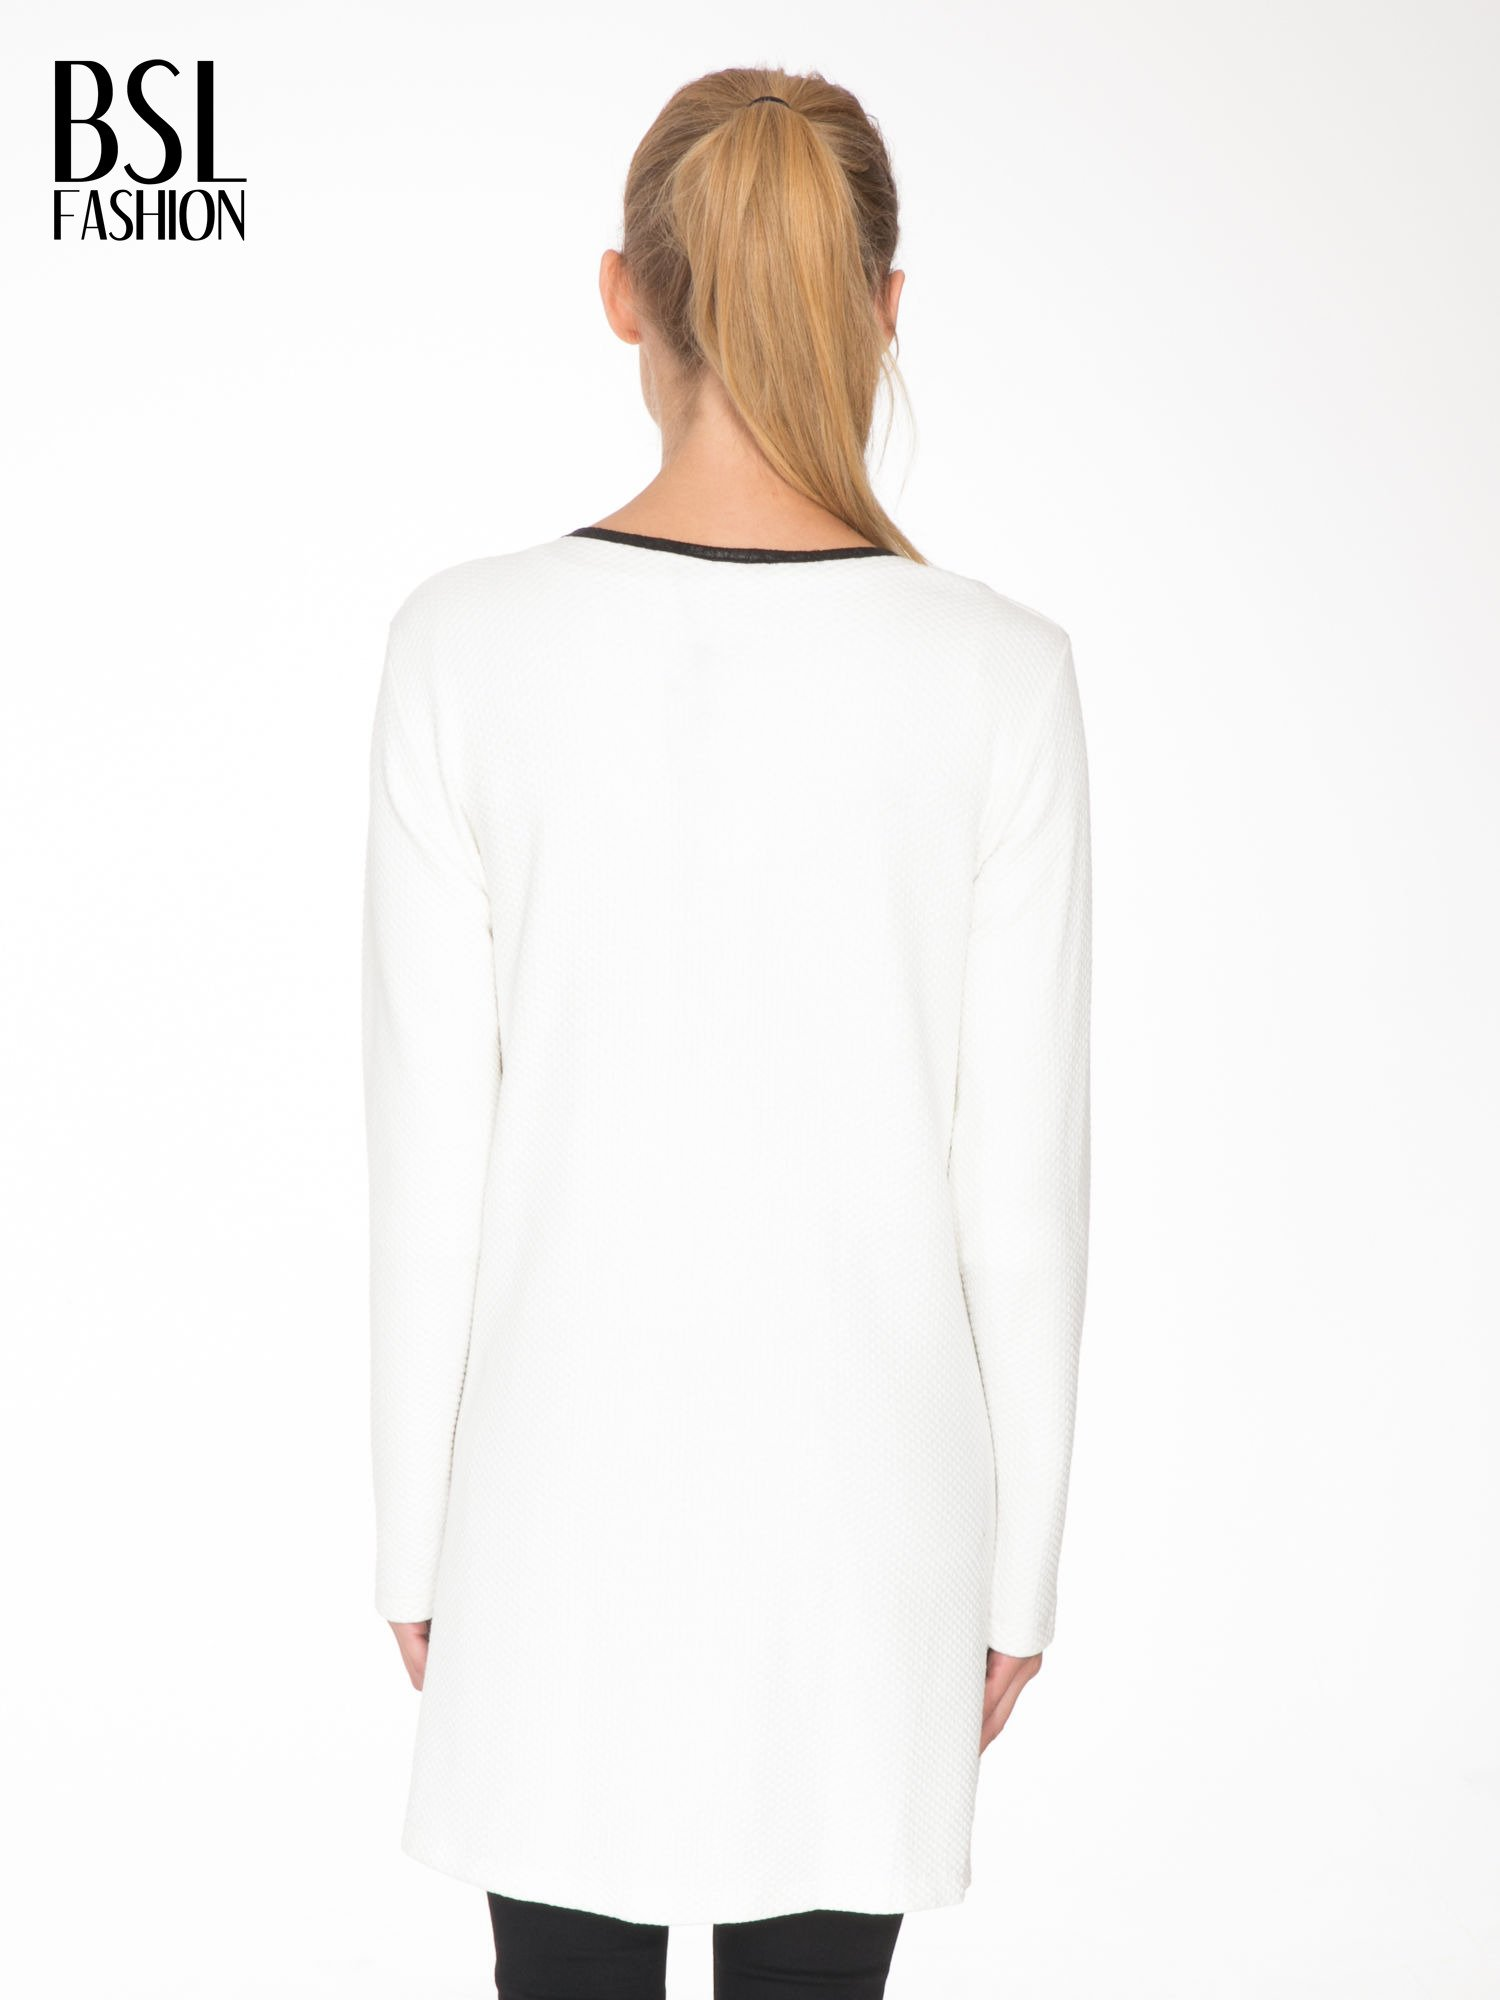 Biały wełniany długi żakiet o pudełkowym kroju ze skórzaną lamówką                                  zdj.                                  4